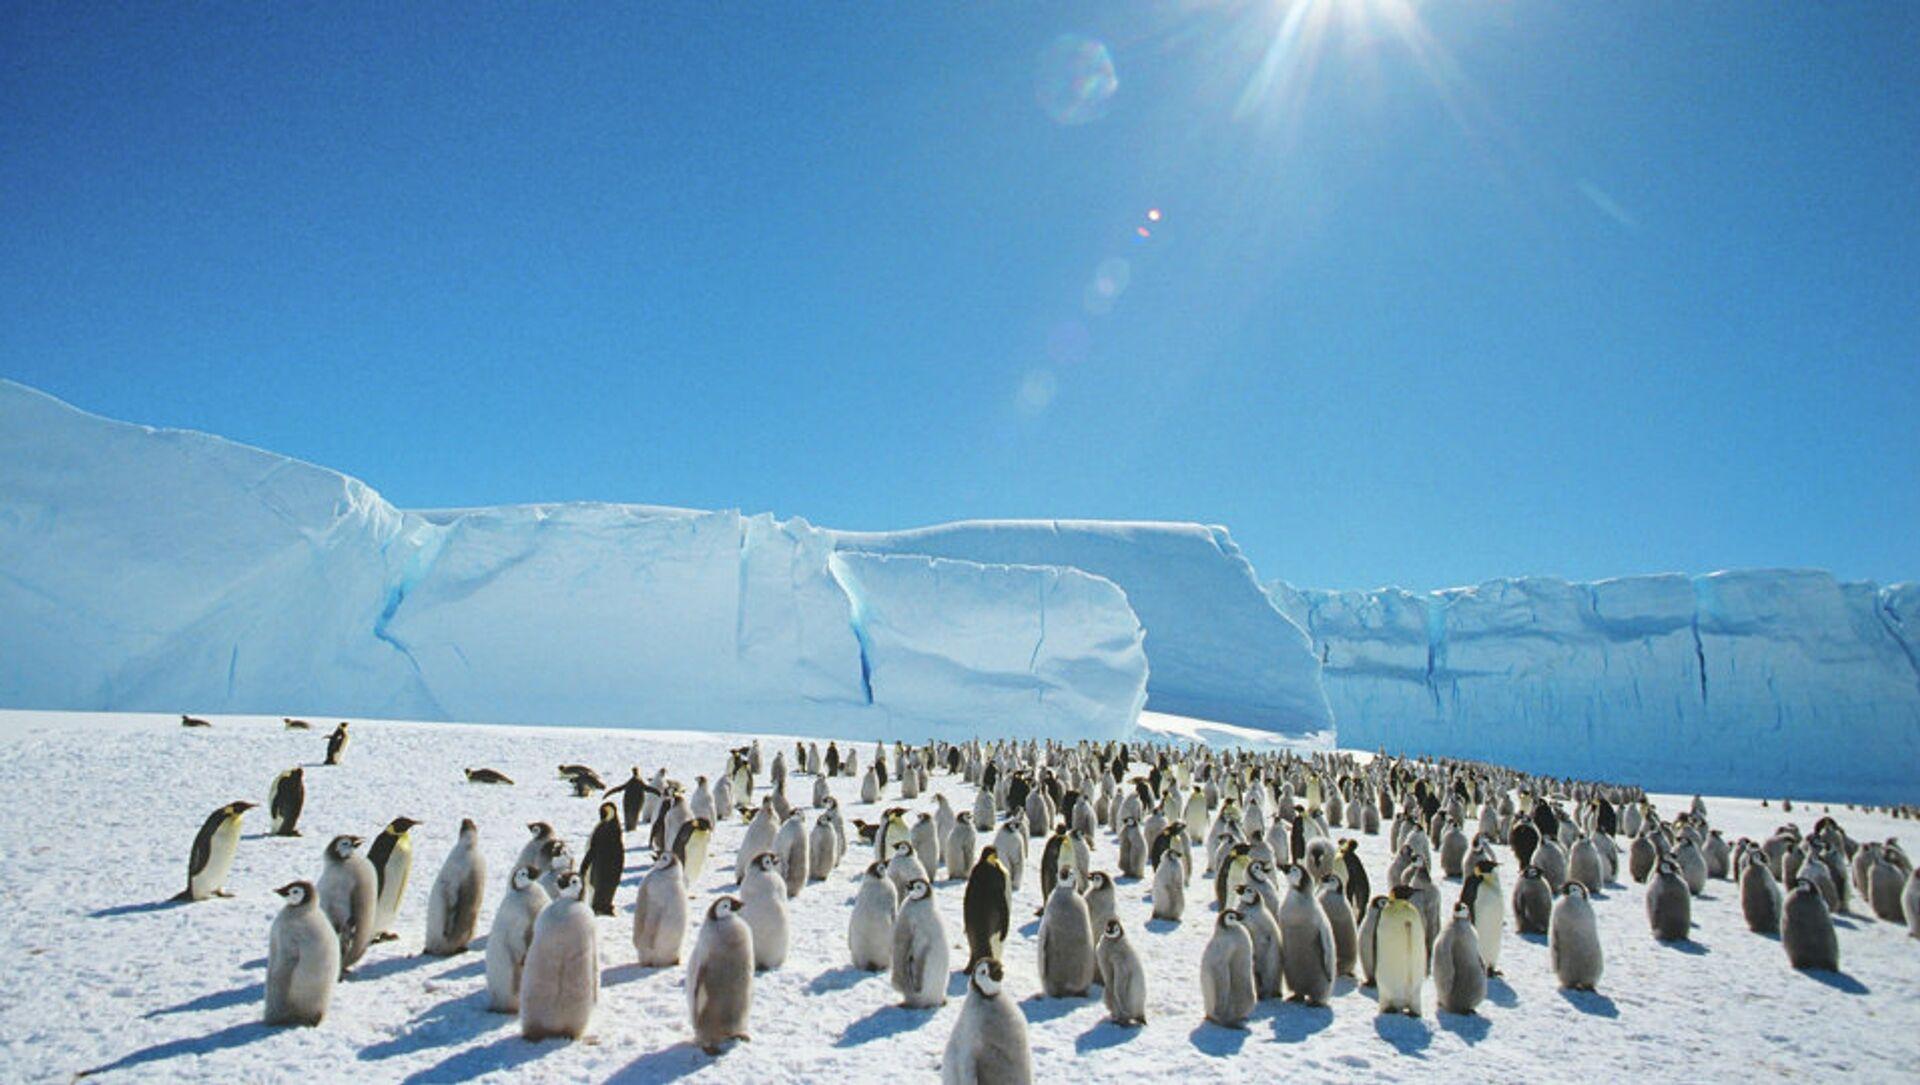 Carski pingvini u blizini sovjetske istraživačke stanice na Antarktiku - Sputnik Srbija, 1920, 15.02.2021